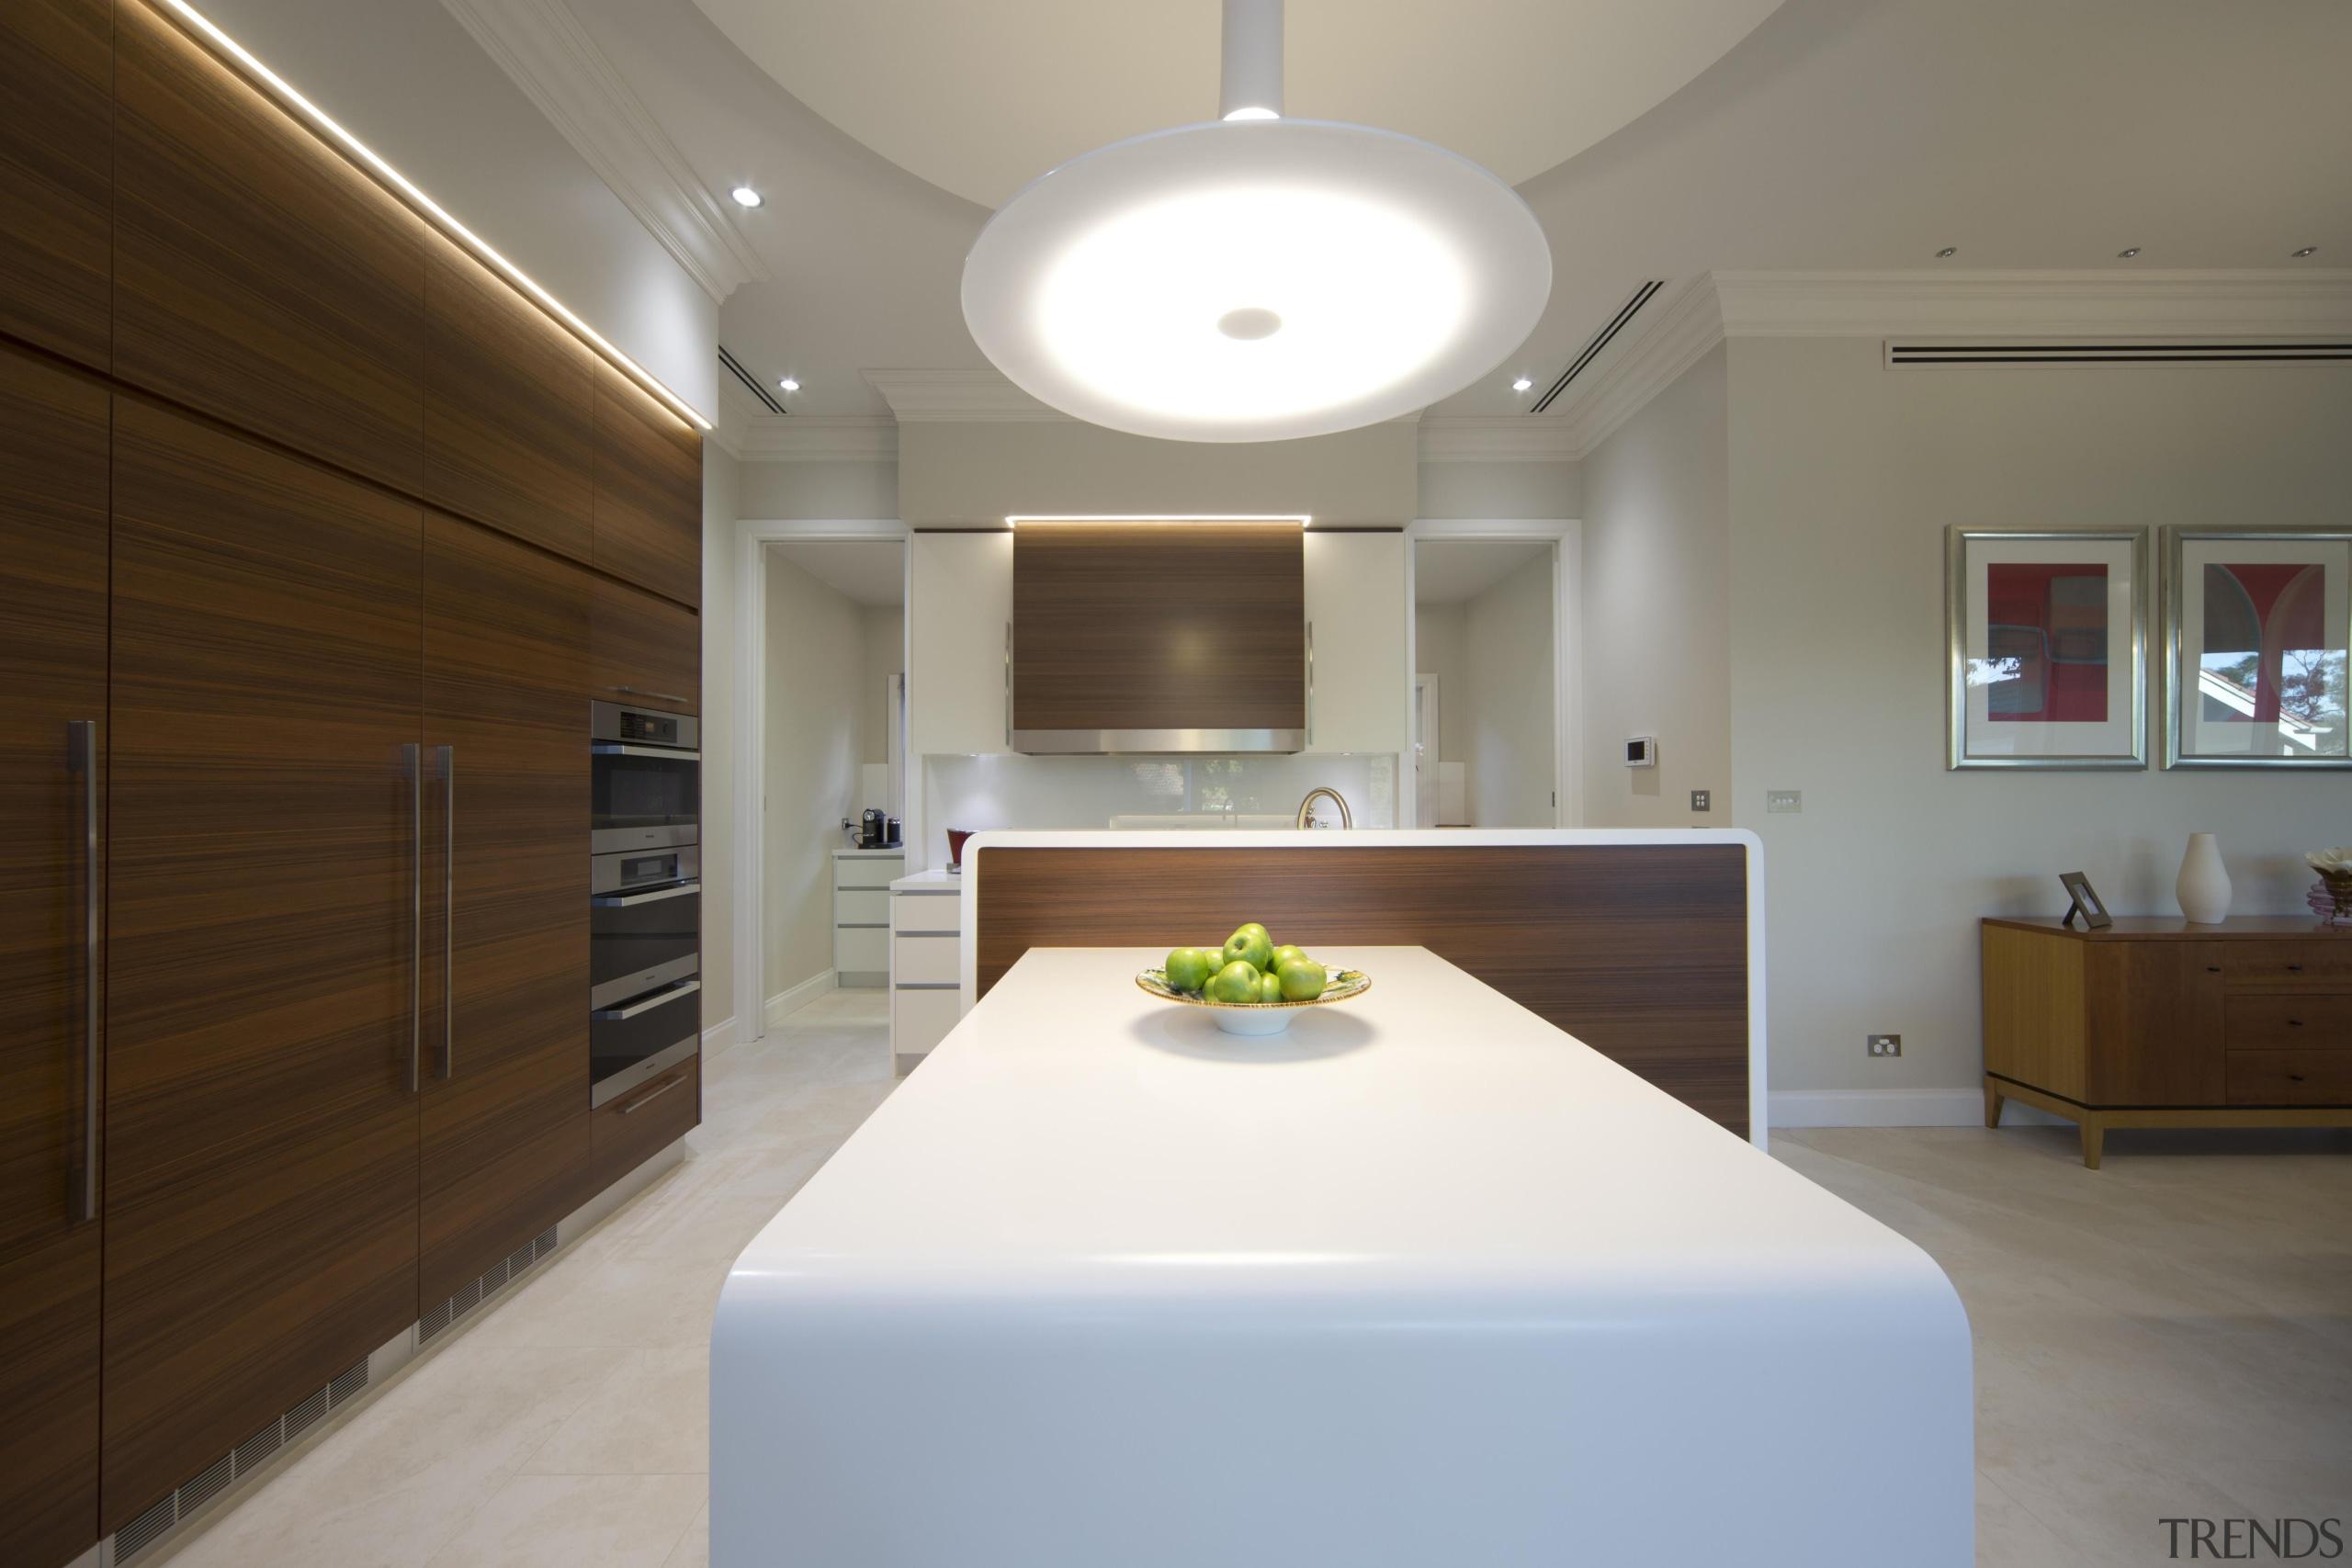 Winner Kitchen Design & Kitchen of the Year architecture, ceiling, interior design, kitchen, real estate, room, gray, brown